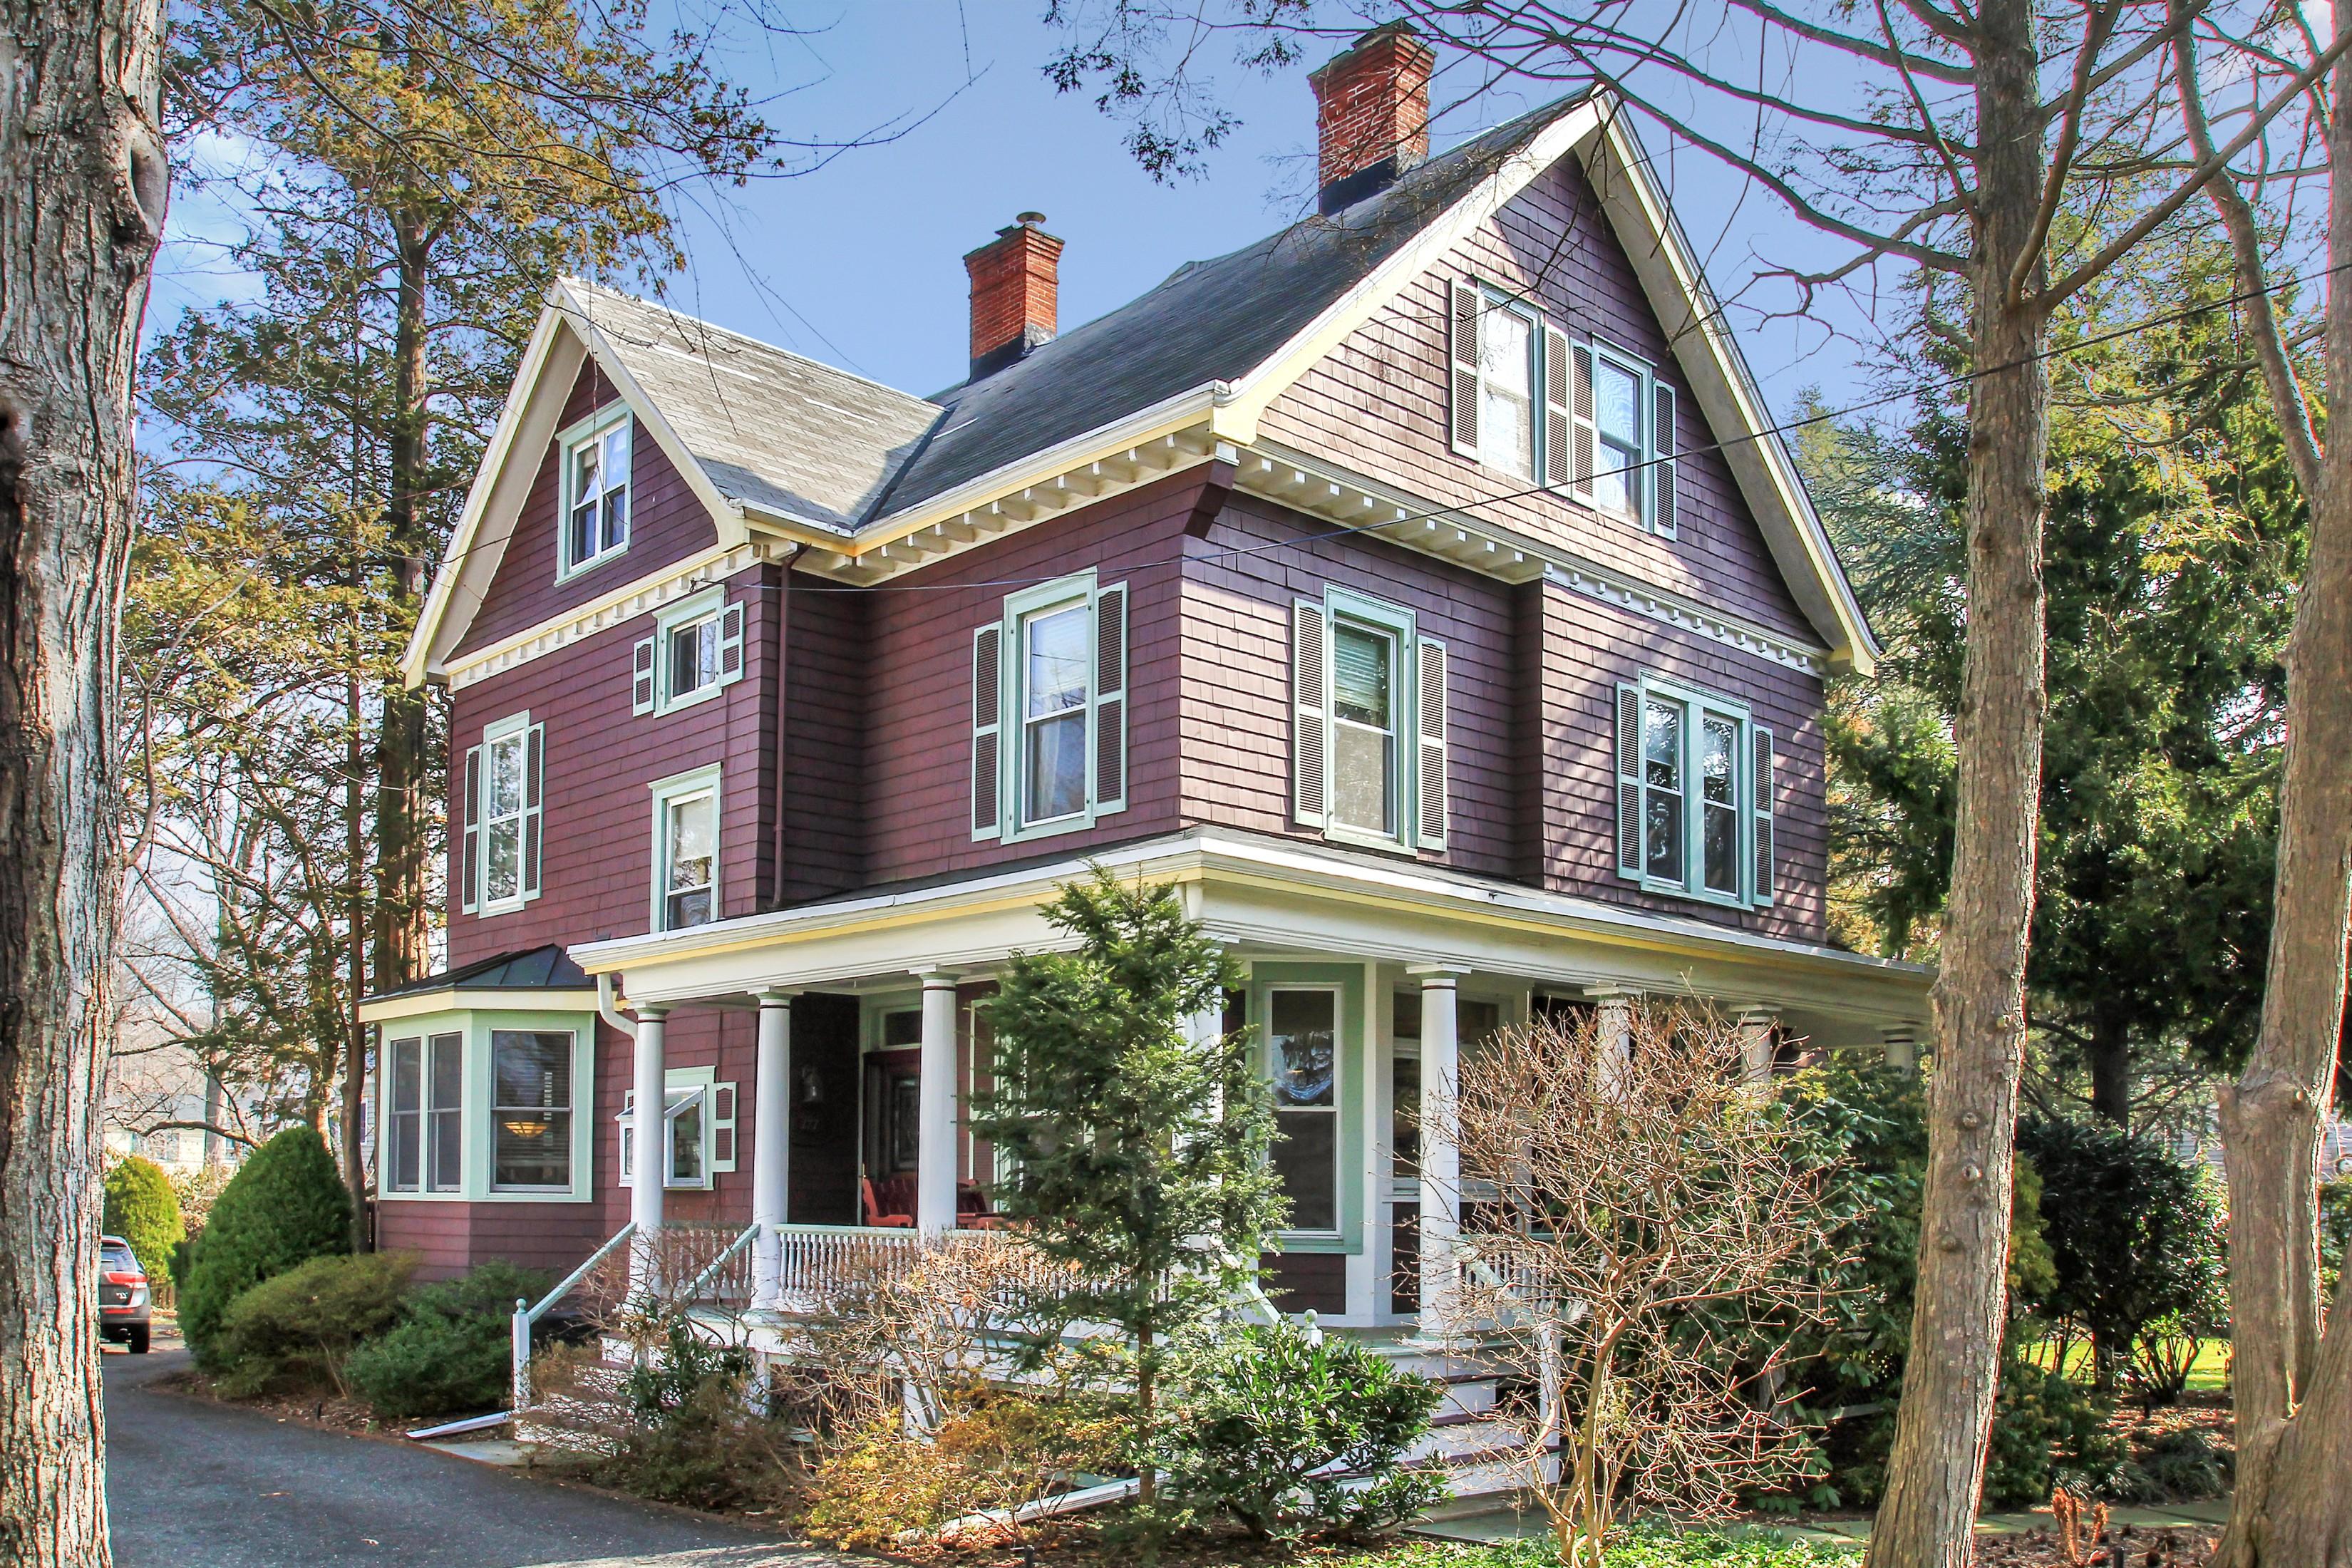 Частный односемейный дом для того Продажа на Englewood Beauty 177 Sherwood Place Englewood, Нью-Джерси 07631 Соединенные Штаты